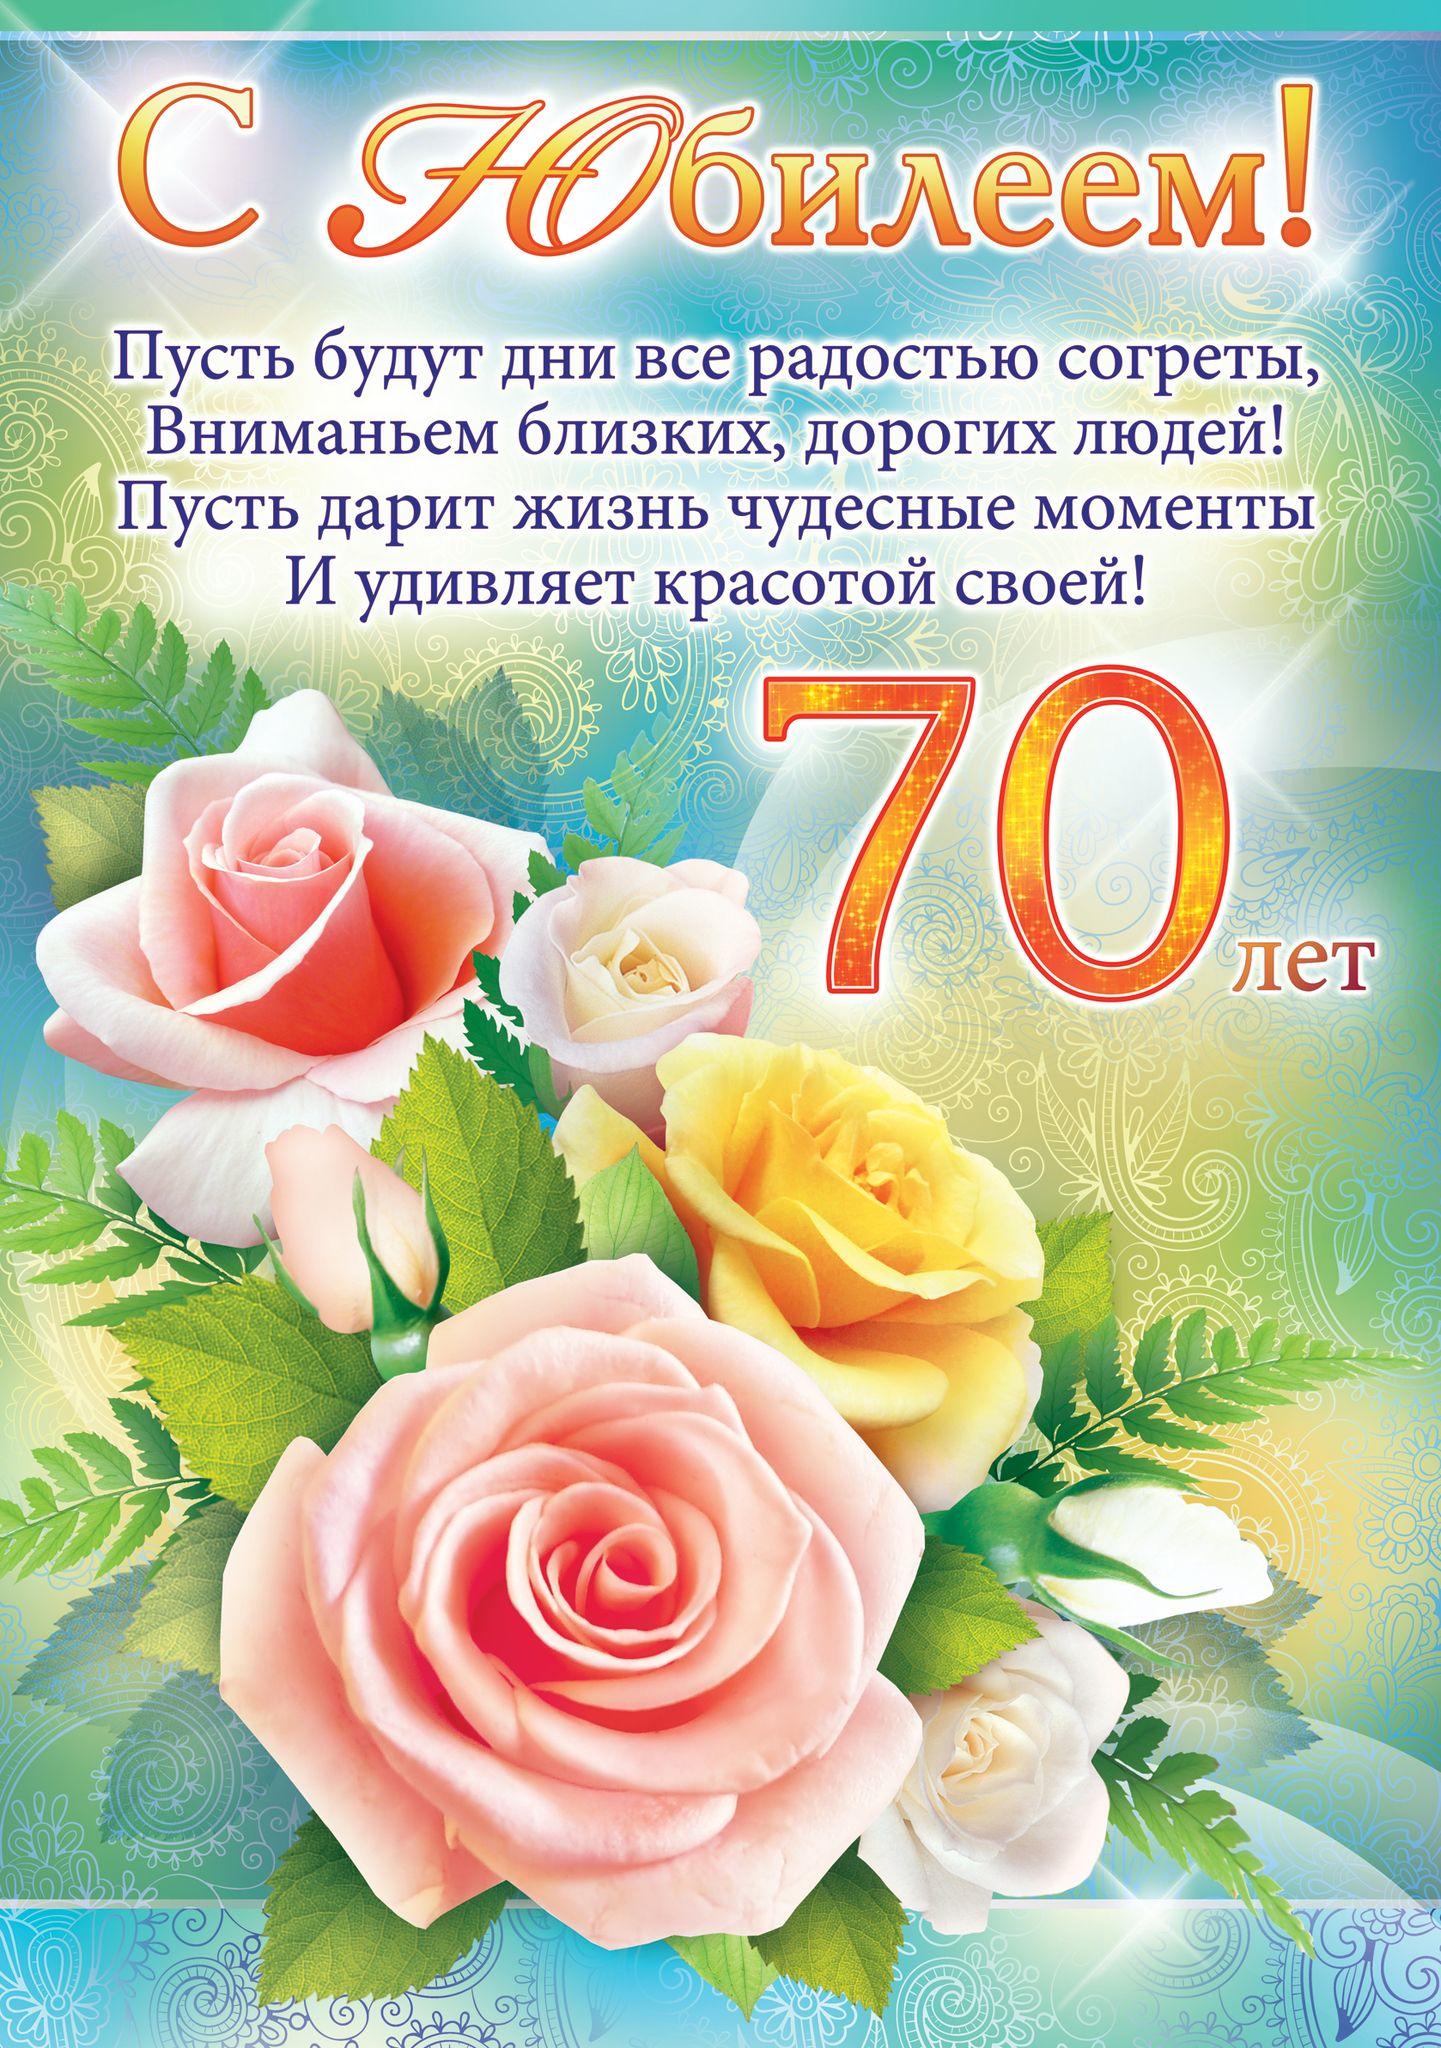 Шуточные поздравления подруге с юбилеем 70 лет